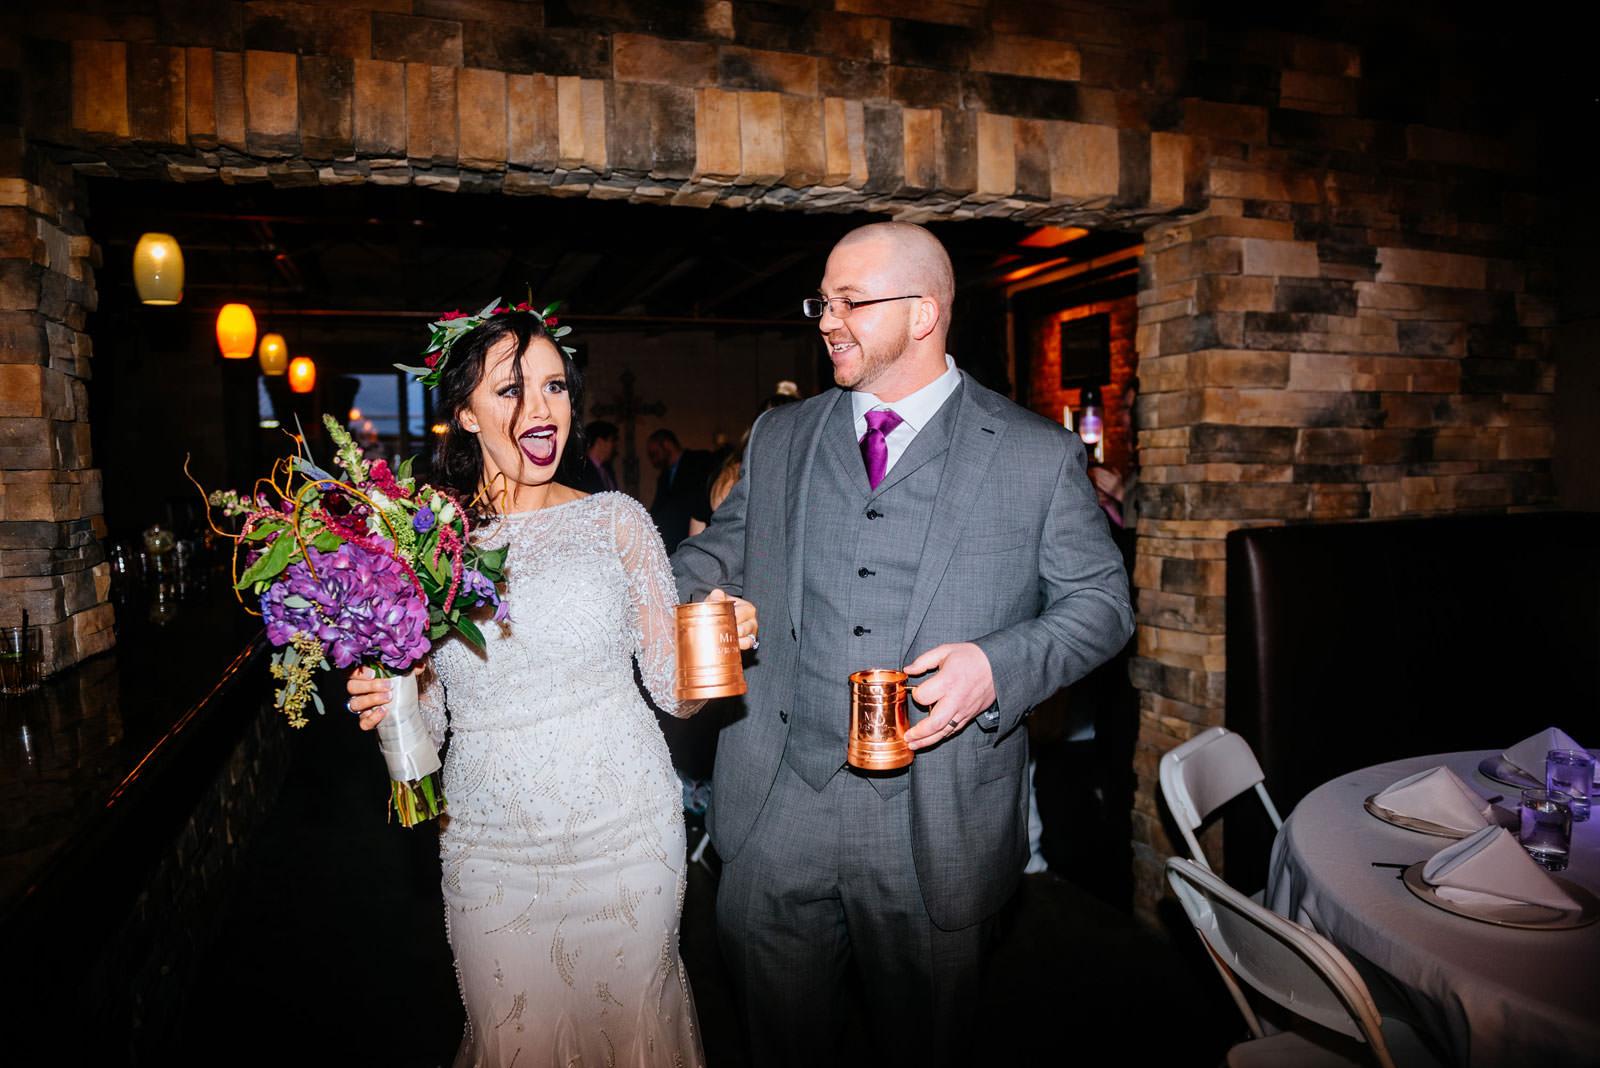 bride groom entering reception rocktop bar